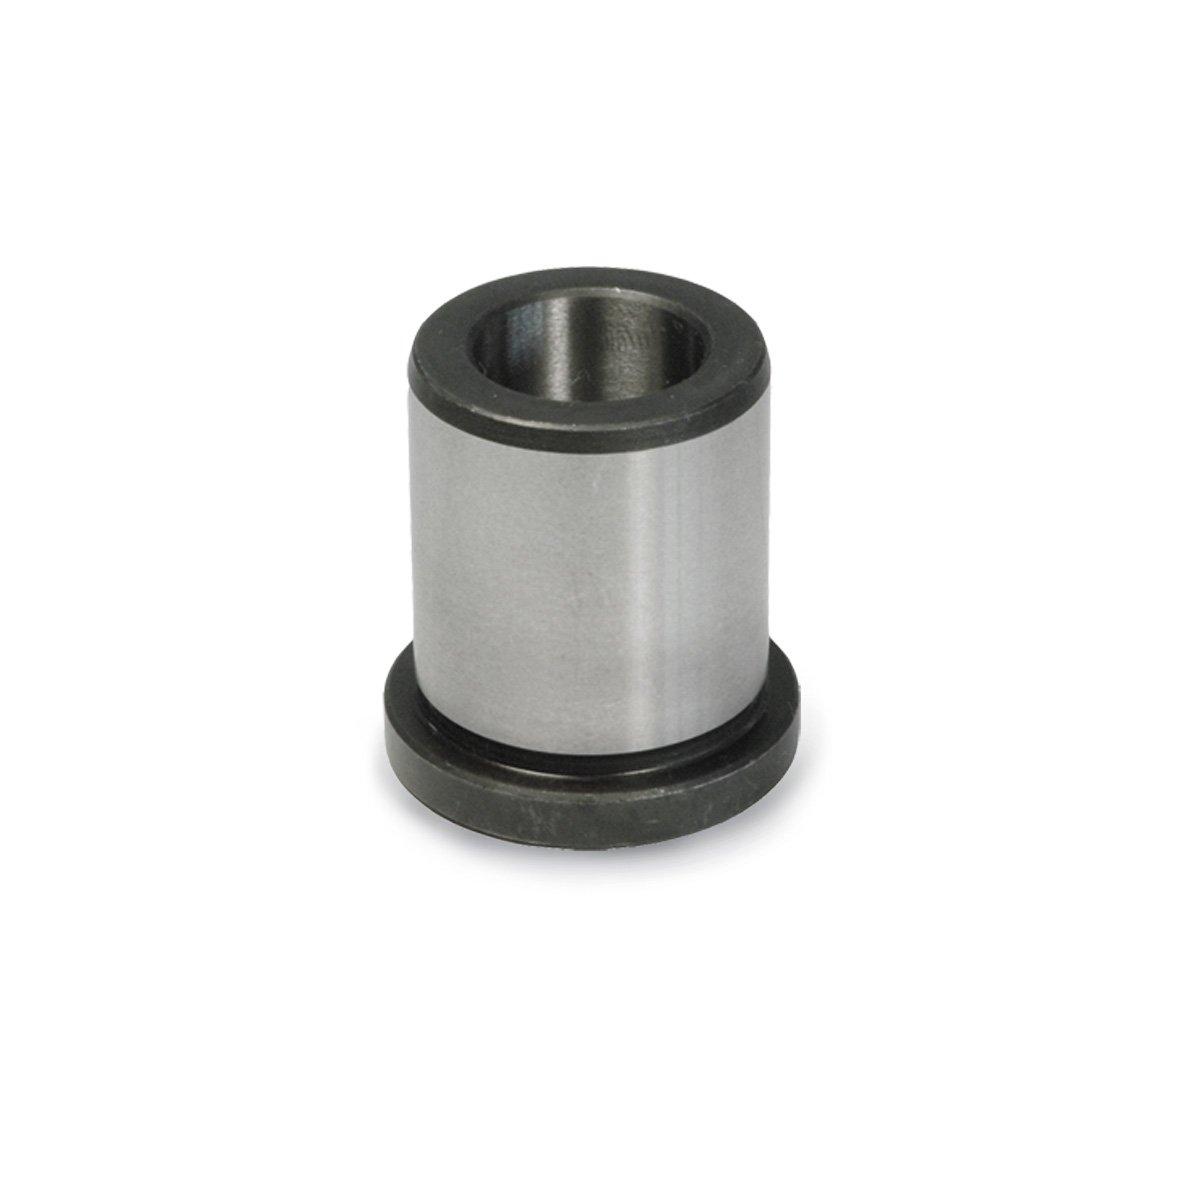 J.W Steel B12 x 12 mm Winco DIN172A0315 DIN172 Drill Bushing